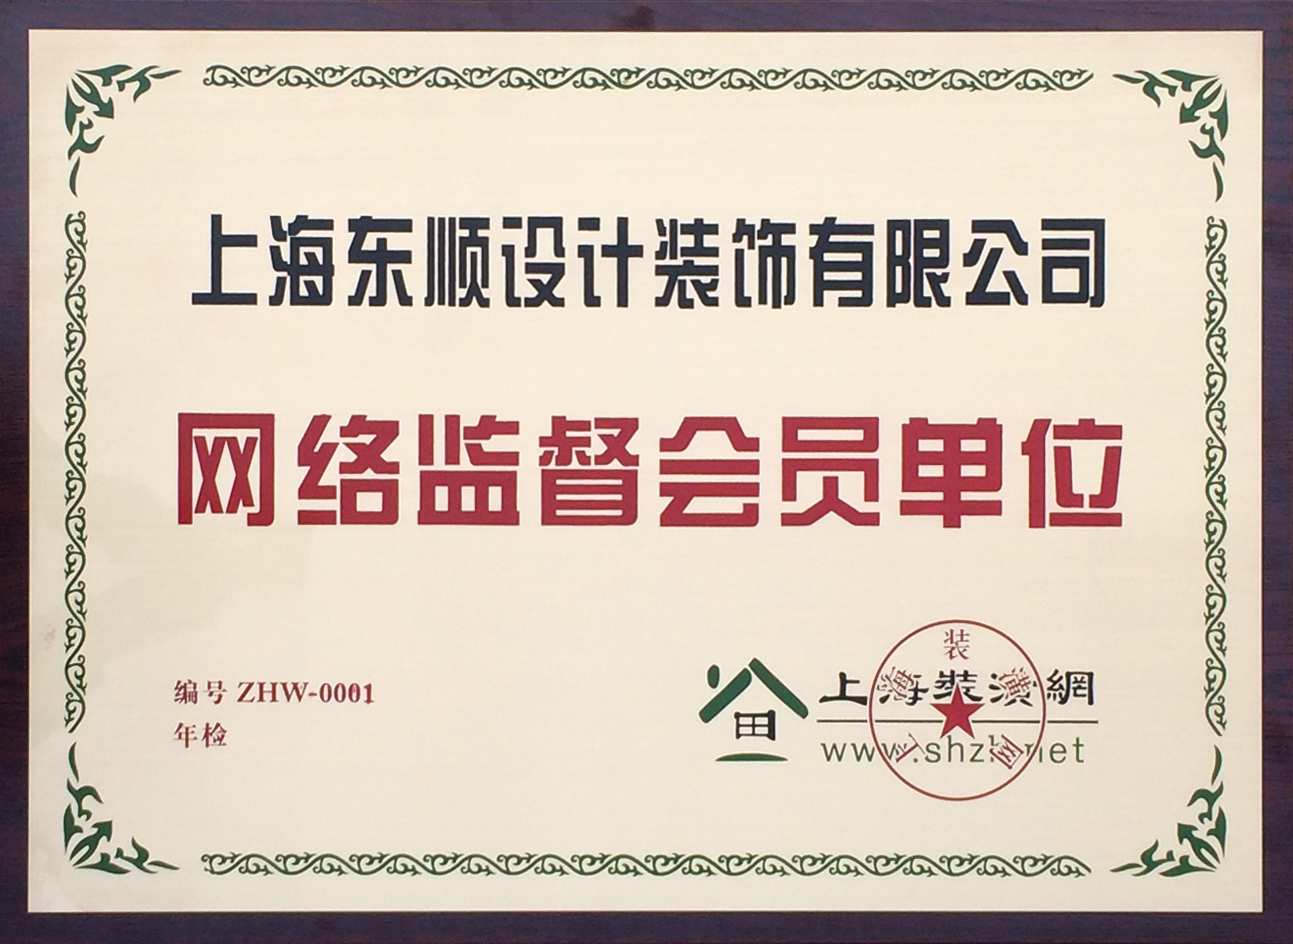 上海装潢网网络监督单位001号